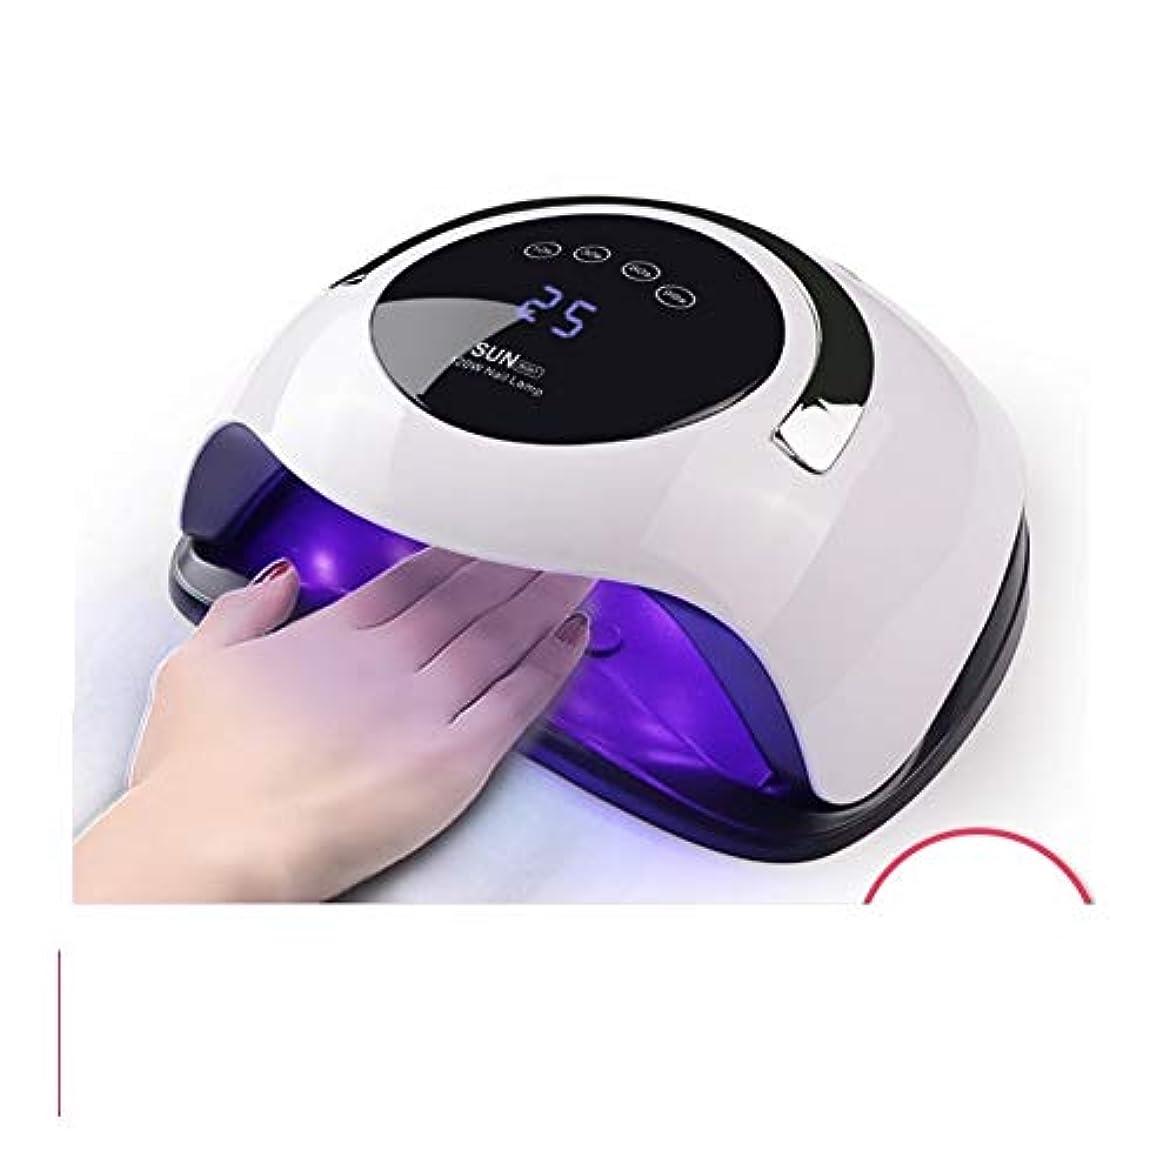 説教する乏しい剛性LittleCat 120Wライトセラピー機ドライヤーBQ5Tスマートセンサプラスチックネイルポリッシュ光線療法ライト光線療法ライトローストツール (色 : American standard flat plug)